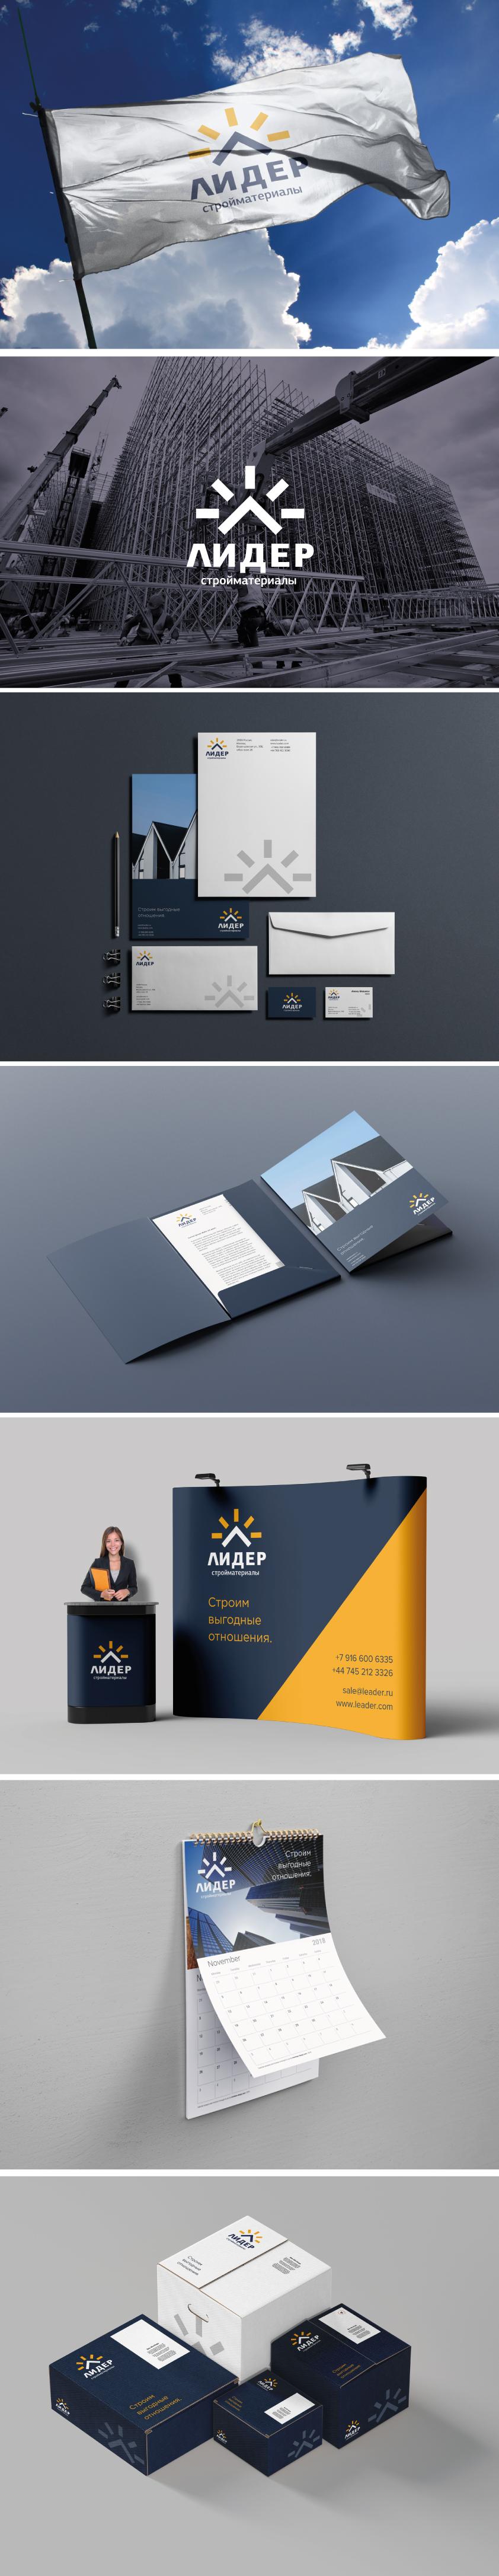 Логотип и фирменный стиль для компании ЛИДЕР.